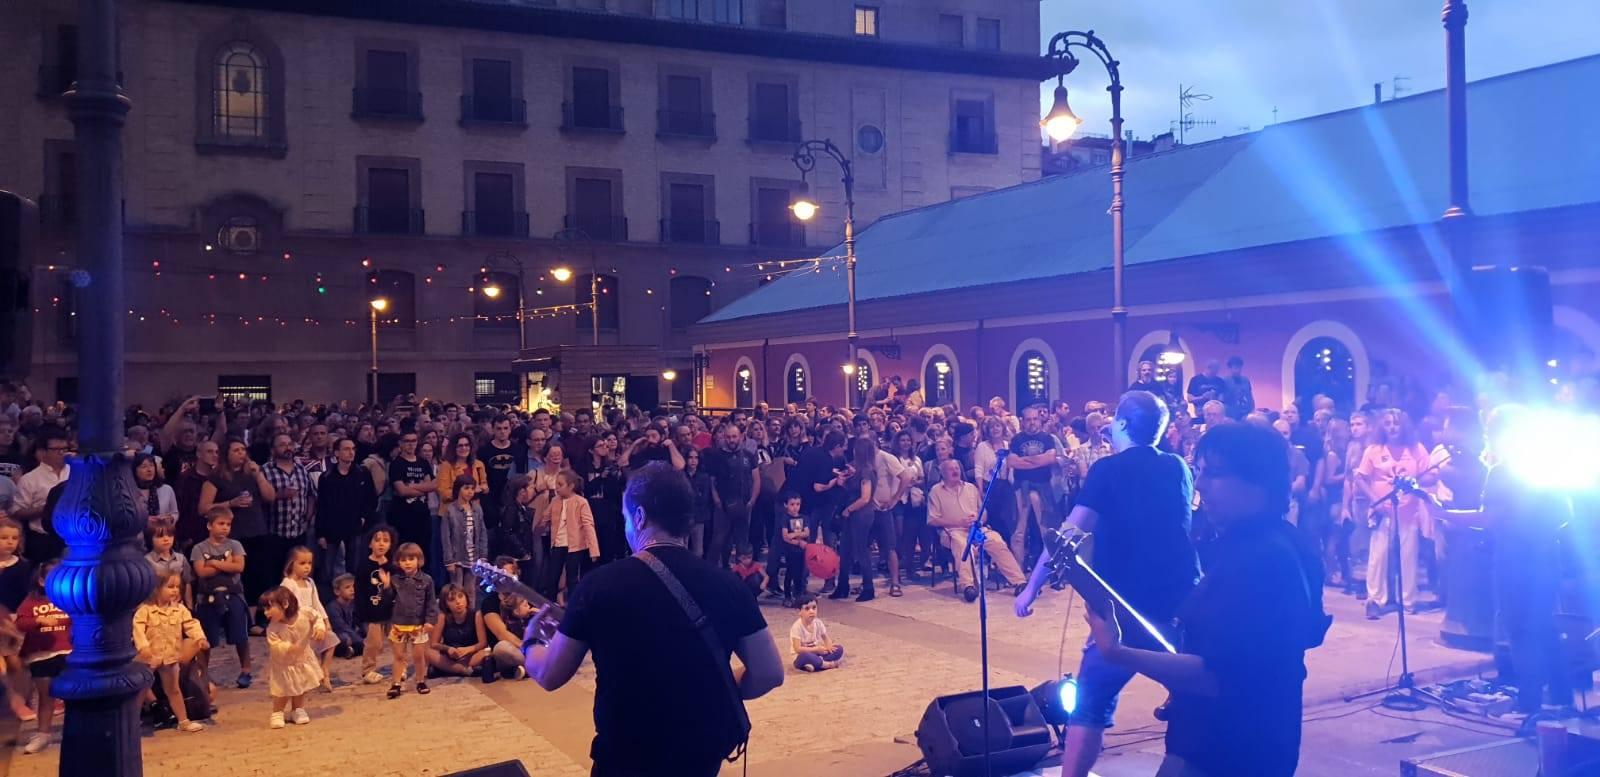 zentral-terraza-concierto-noche